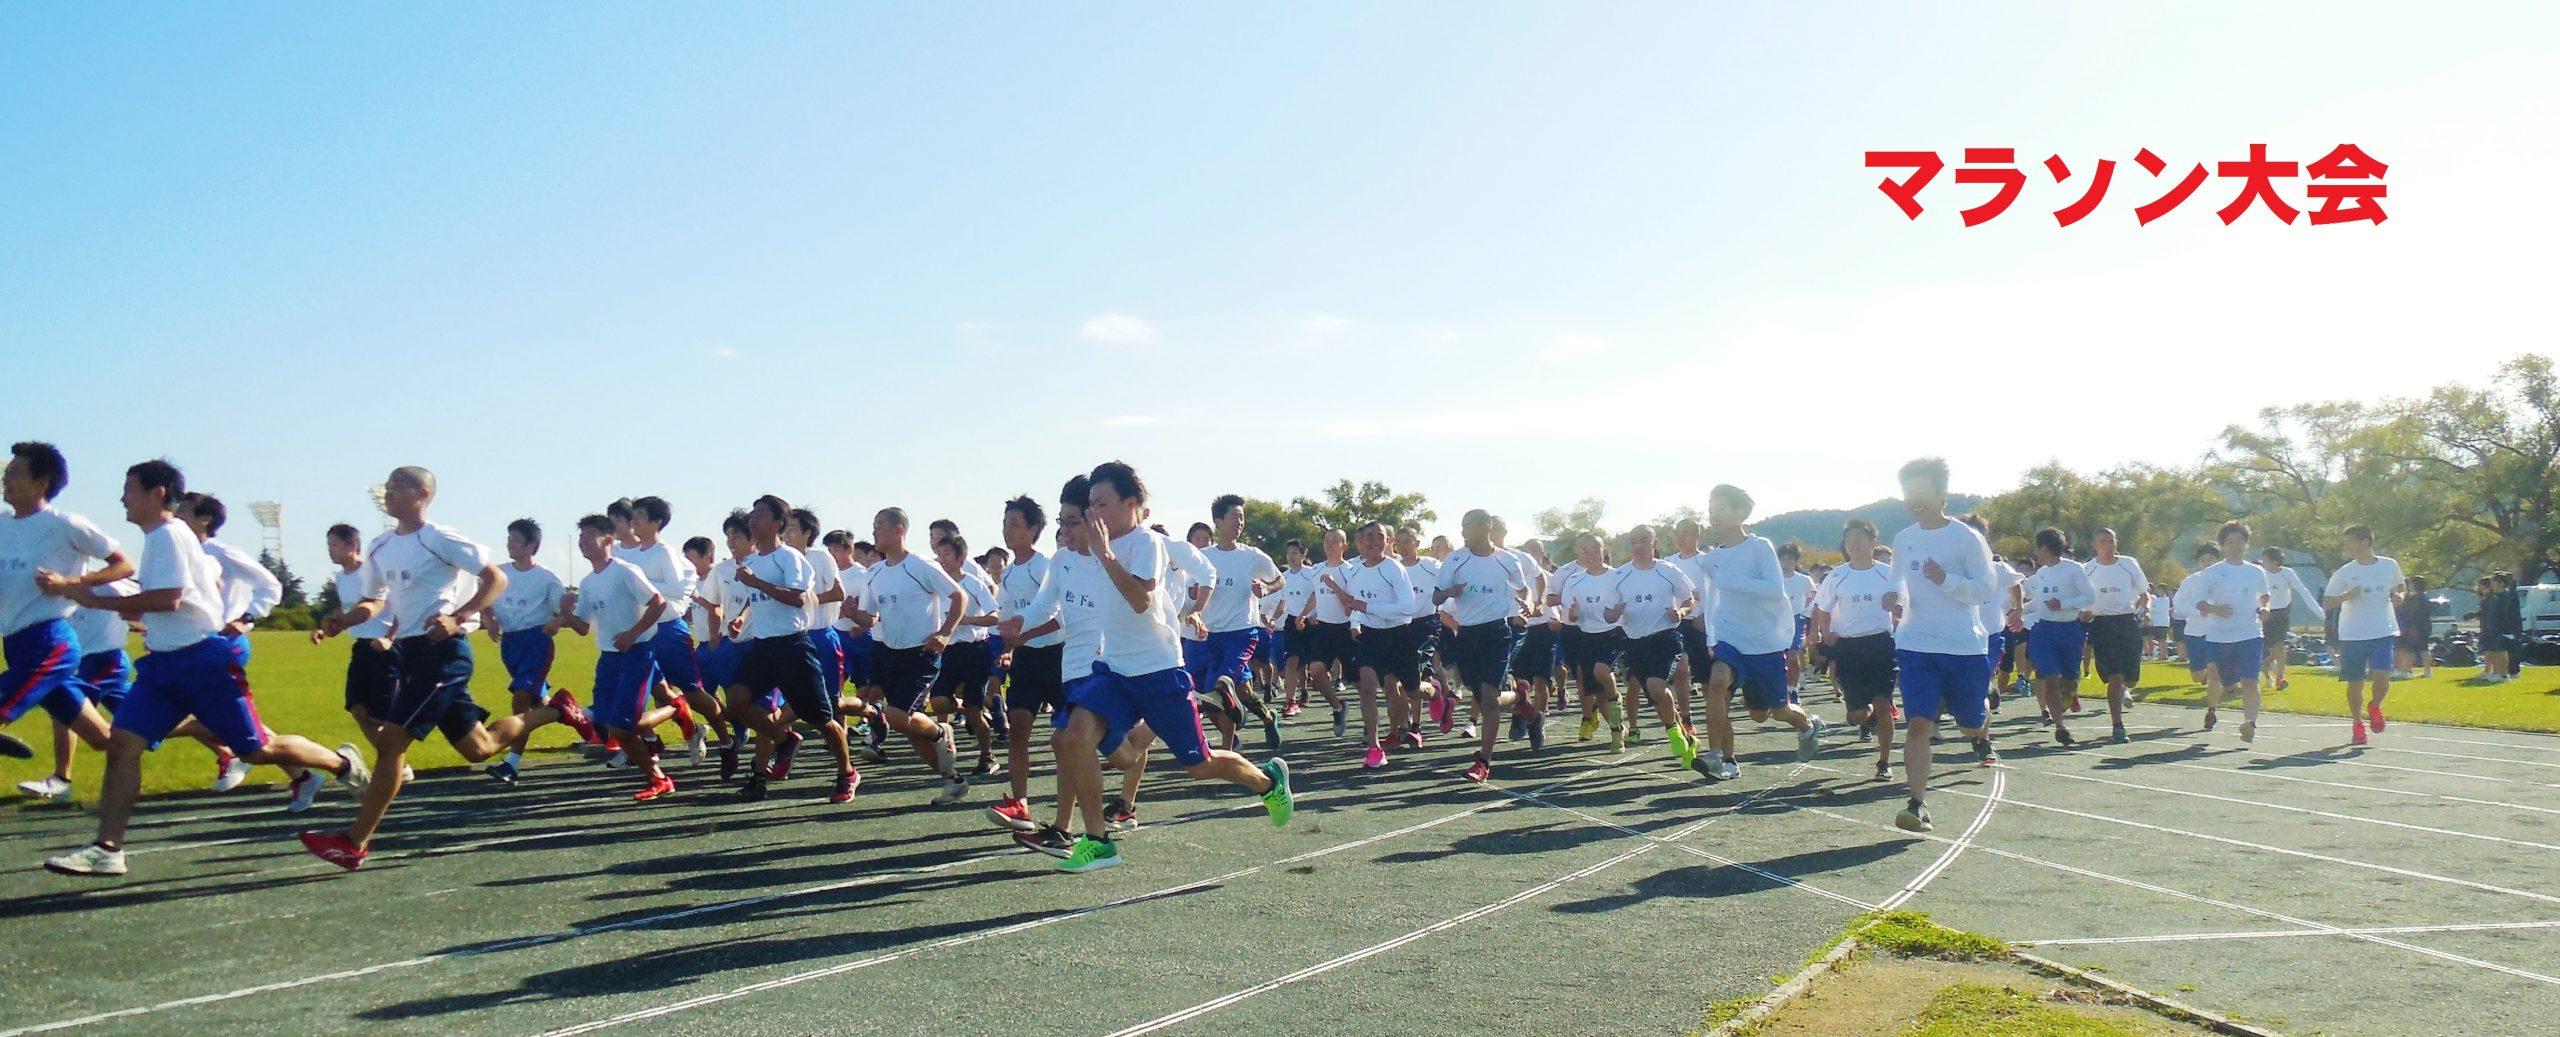 第10回島田樟誠高等学校マラソン大会